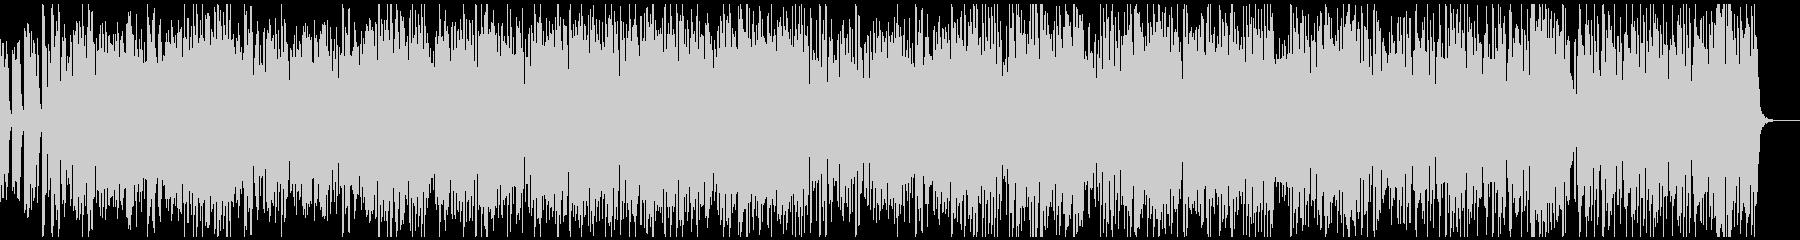 ピアノソロ 明るいリズミカルなラグタイムの未再生の波形